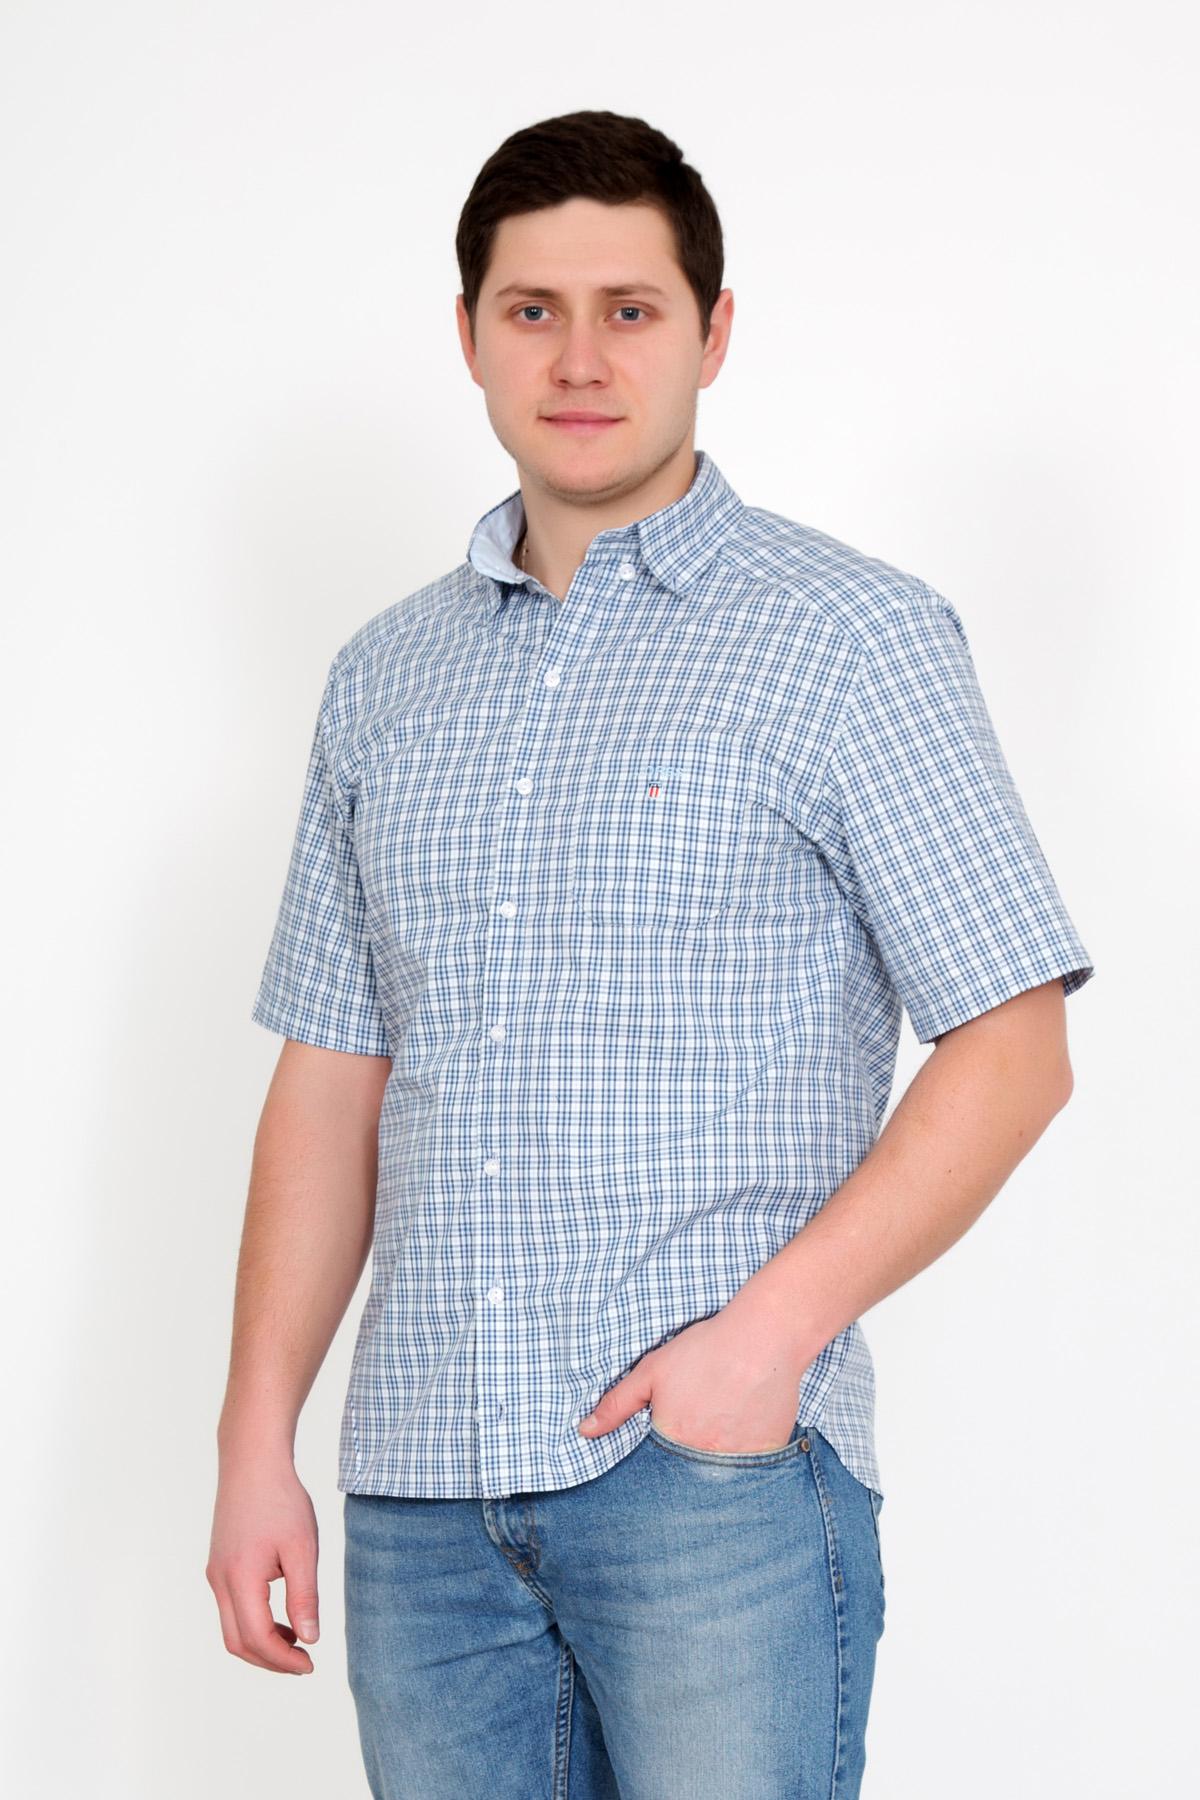 Муж. рубашка Жора Голубой р. 56Толстовки, джемпера и рубашки<br>Обхват груди:112 см<br>Обхват талии:104 см<br>Обхват бедер:112 см<br>Обхват шеи:44 см<br>Длина по спинке:78 см<br>Рост:178-186 см<br><br>Тип: Муж. рубашка<br>Размер: 56<br>Материал: Сорочечная перкаль